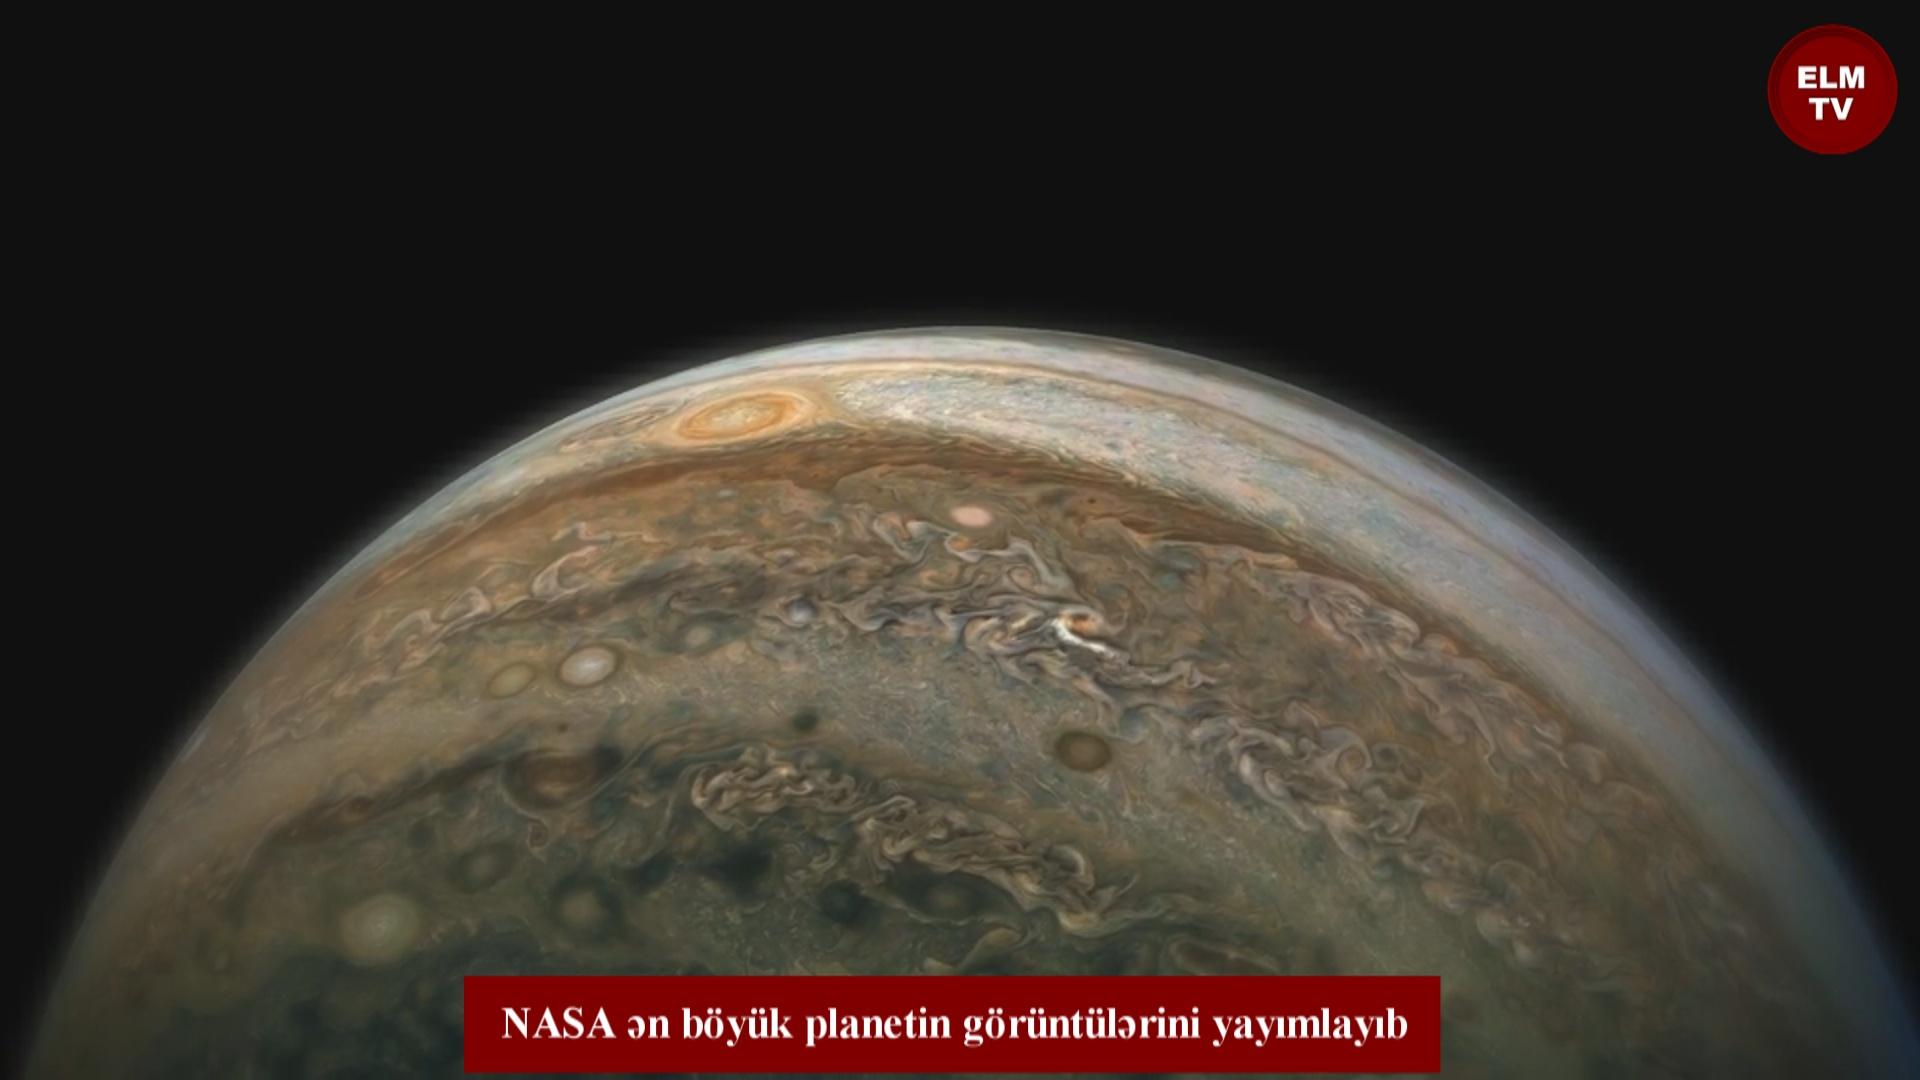 NASA ən böyük planetin görüntülərini yayımlayıb